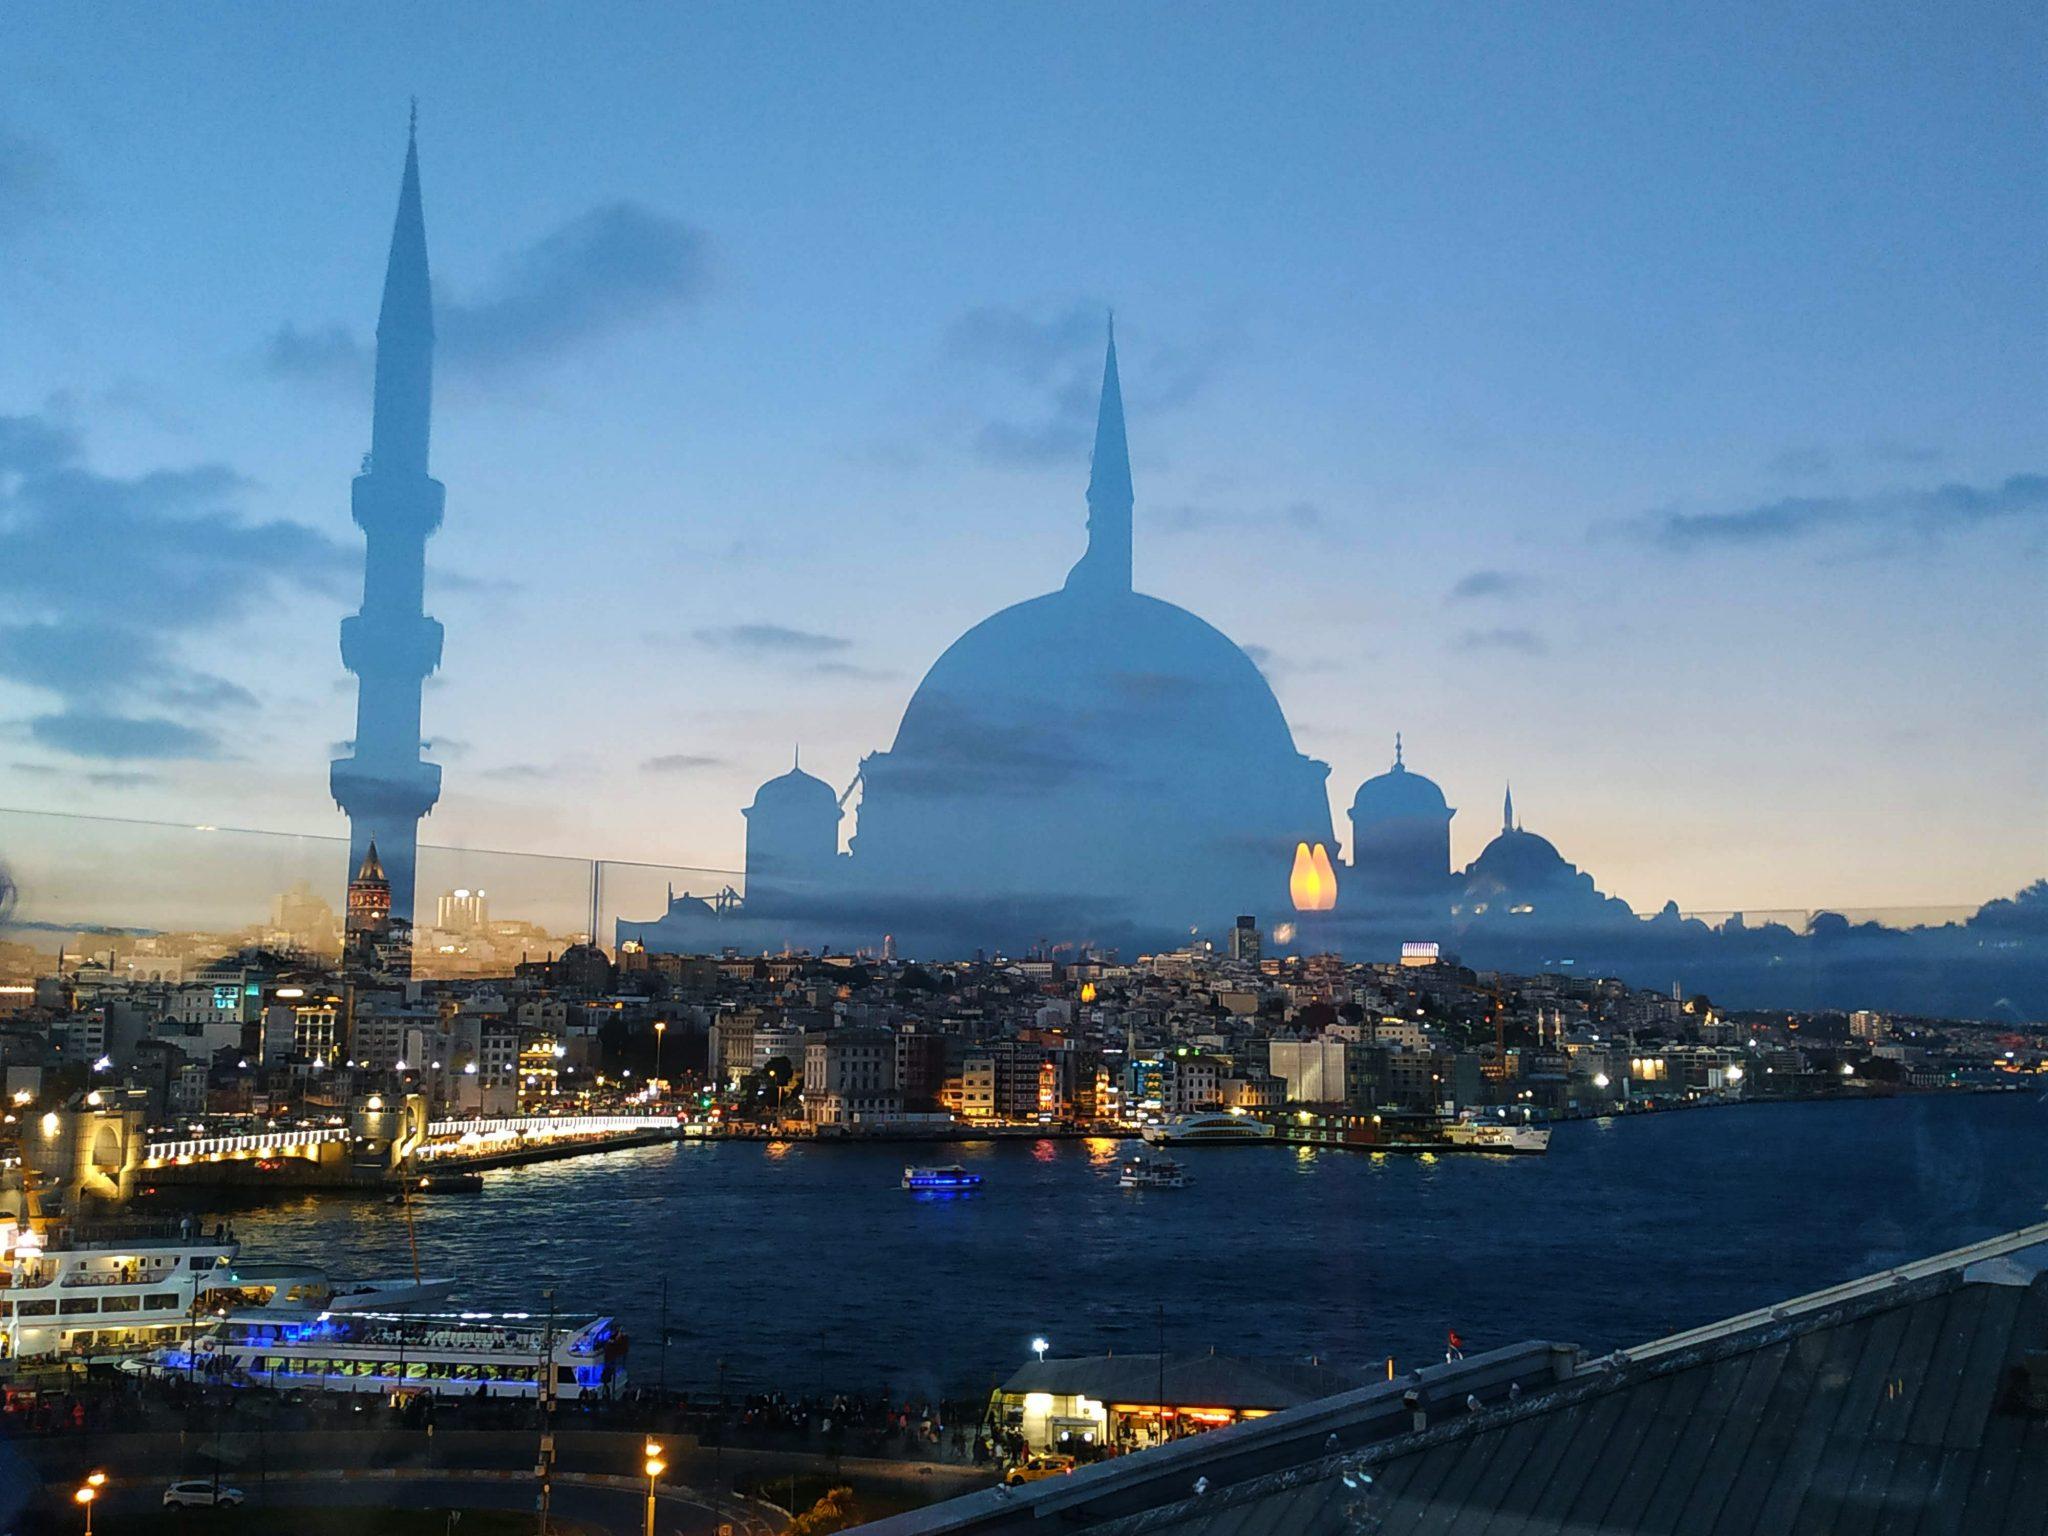 Imagen post Cuatro días en Estambul. Terraza Sultanahmet - Pasaporte y Millas